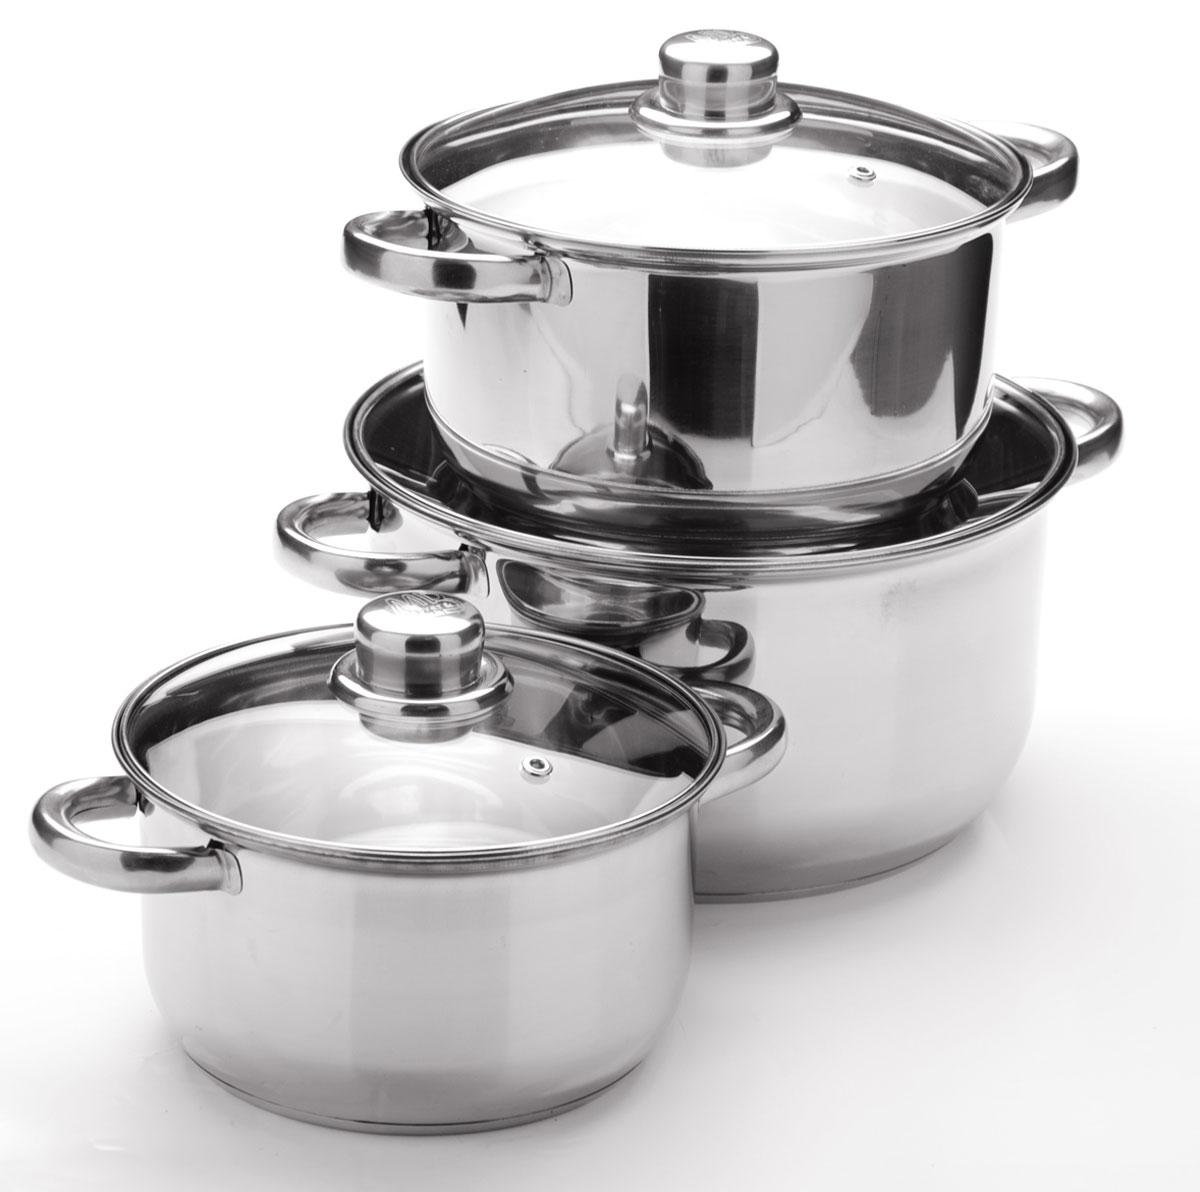 Набор посуды Mayer & Boch, 6 предметов. 25753 качурина т приготовление блюд из рыбы учебное пособие